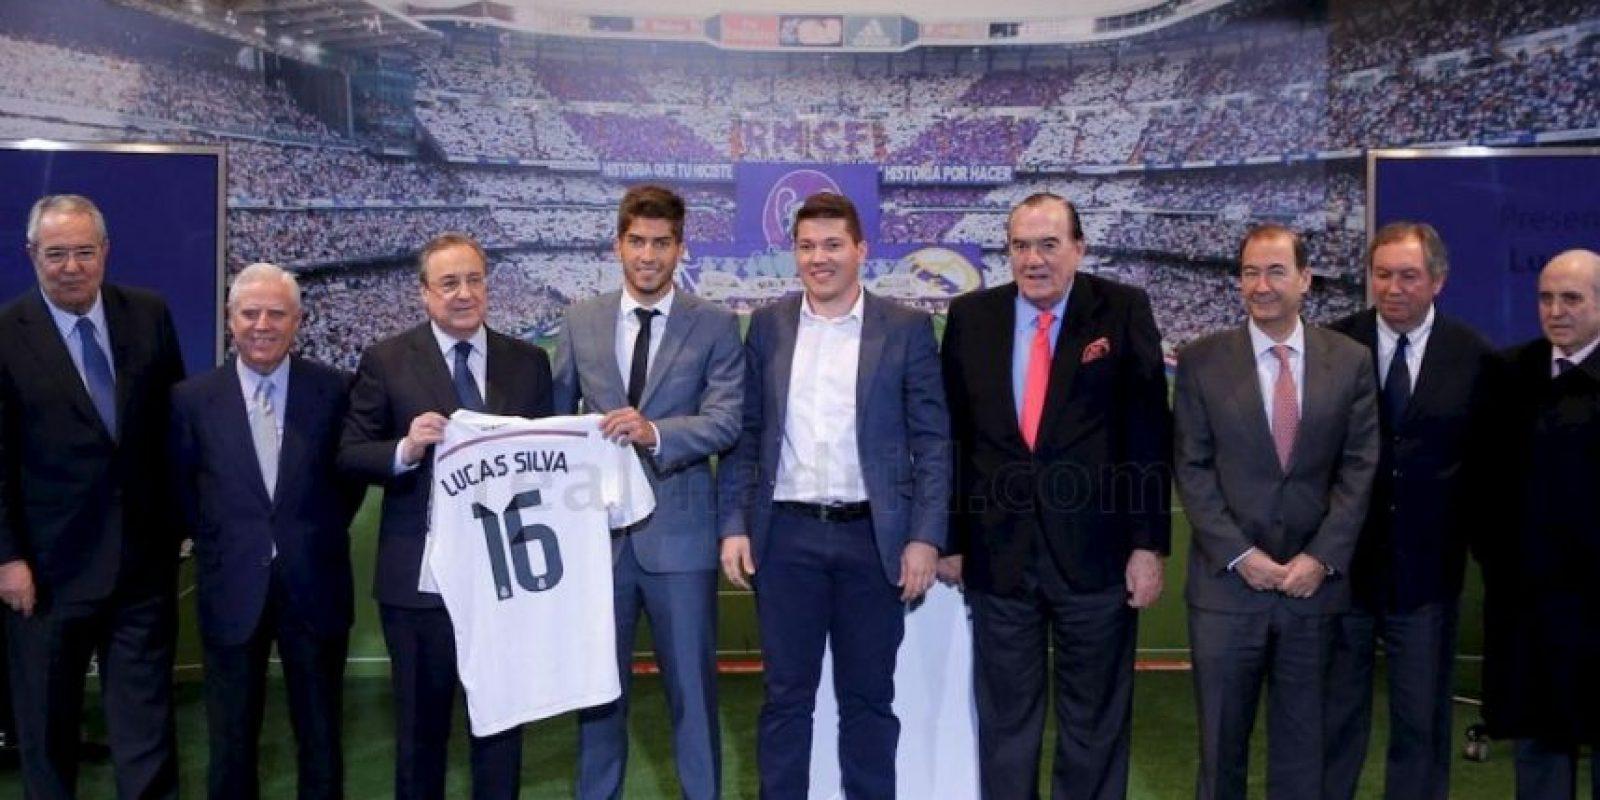 Lucas fue presentado en el Palco de honor del Santiago Bernabéu. Foto:Real Madrid